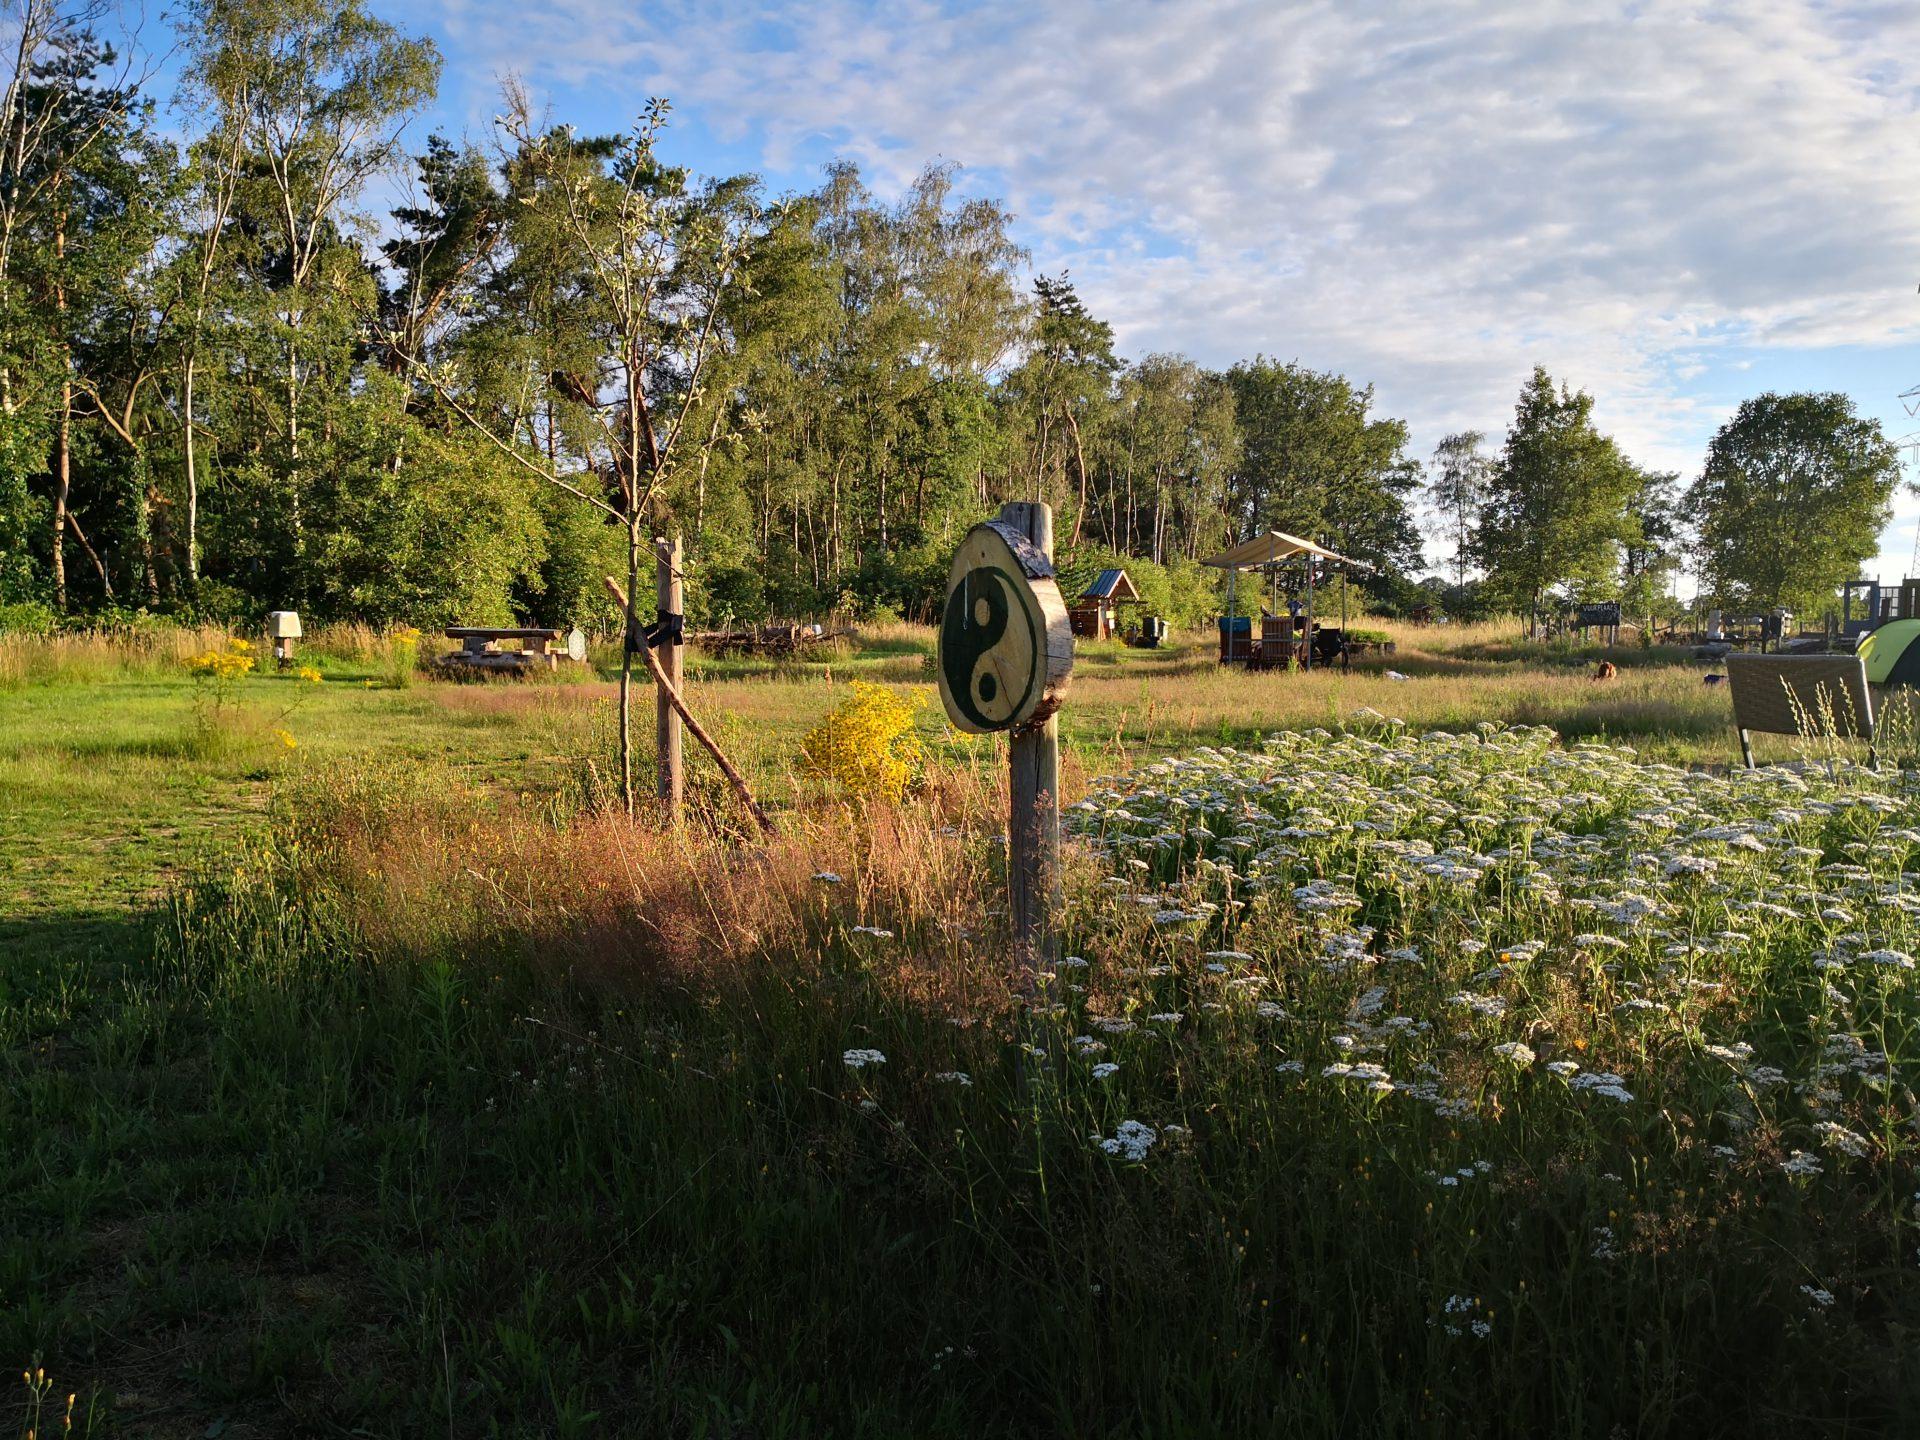 Terrein - Natuurcamping Klein Schoor Limburg